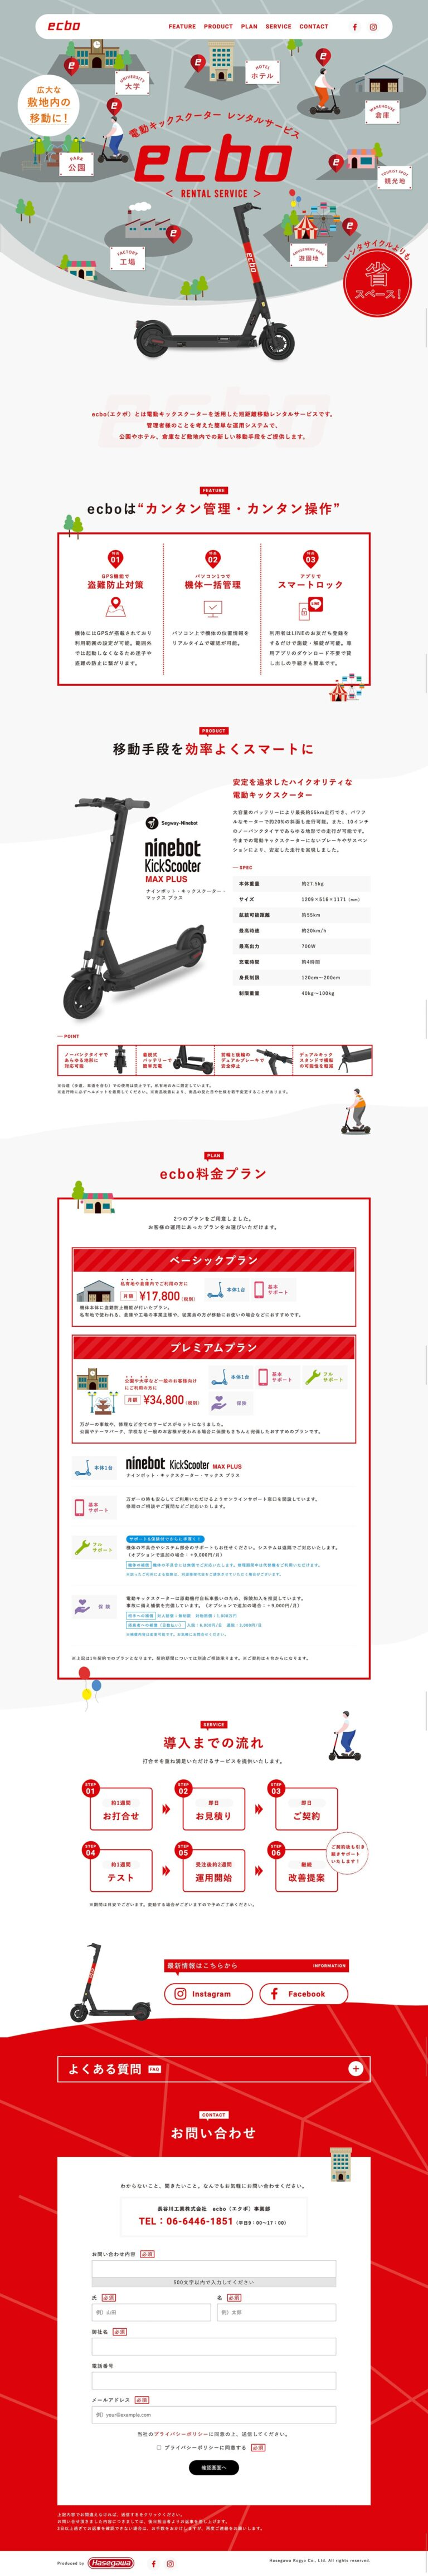 電動キックスクーターレンタルサービス | ecbo